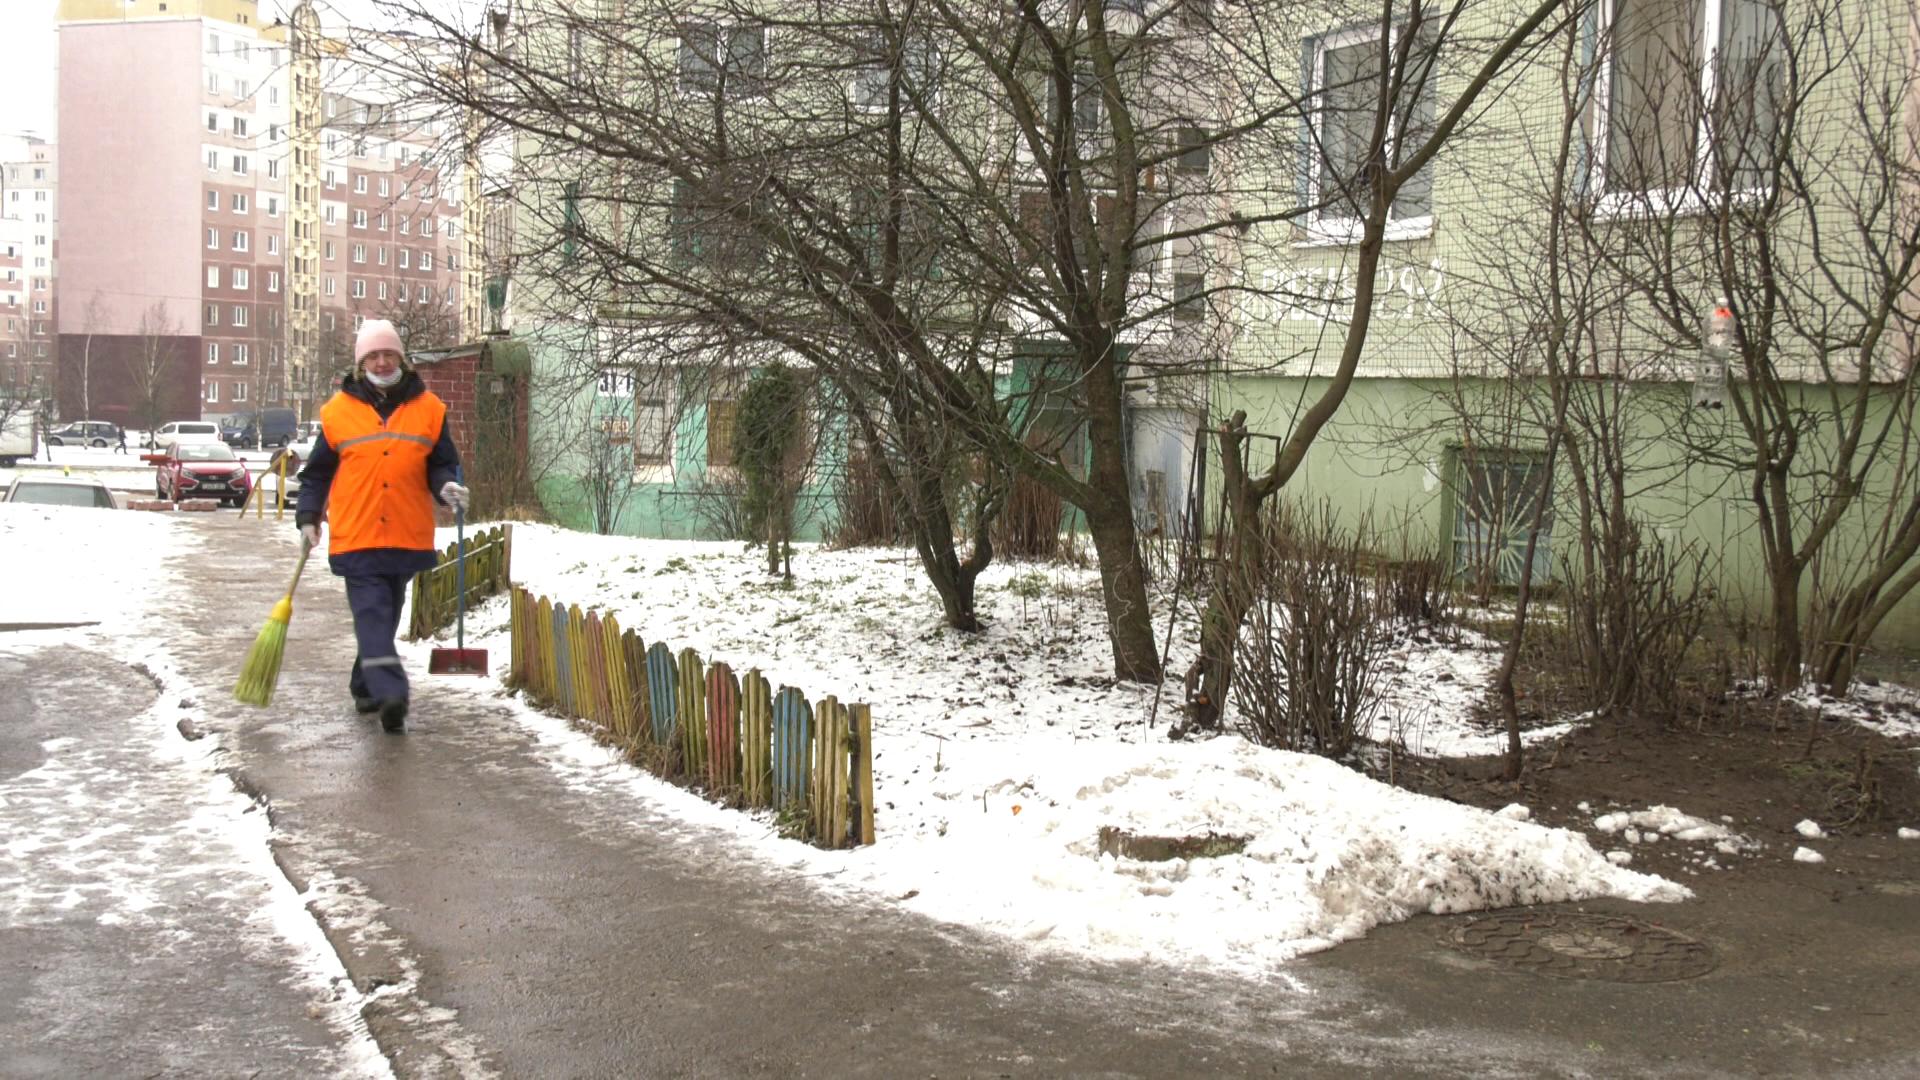 dvornik 1 - Дефицит дворников в Витебске (видео)